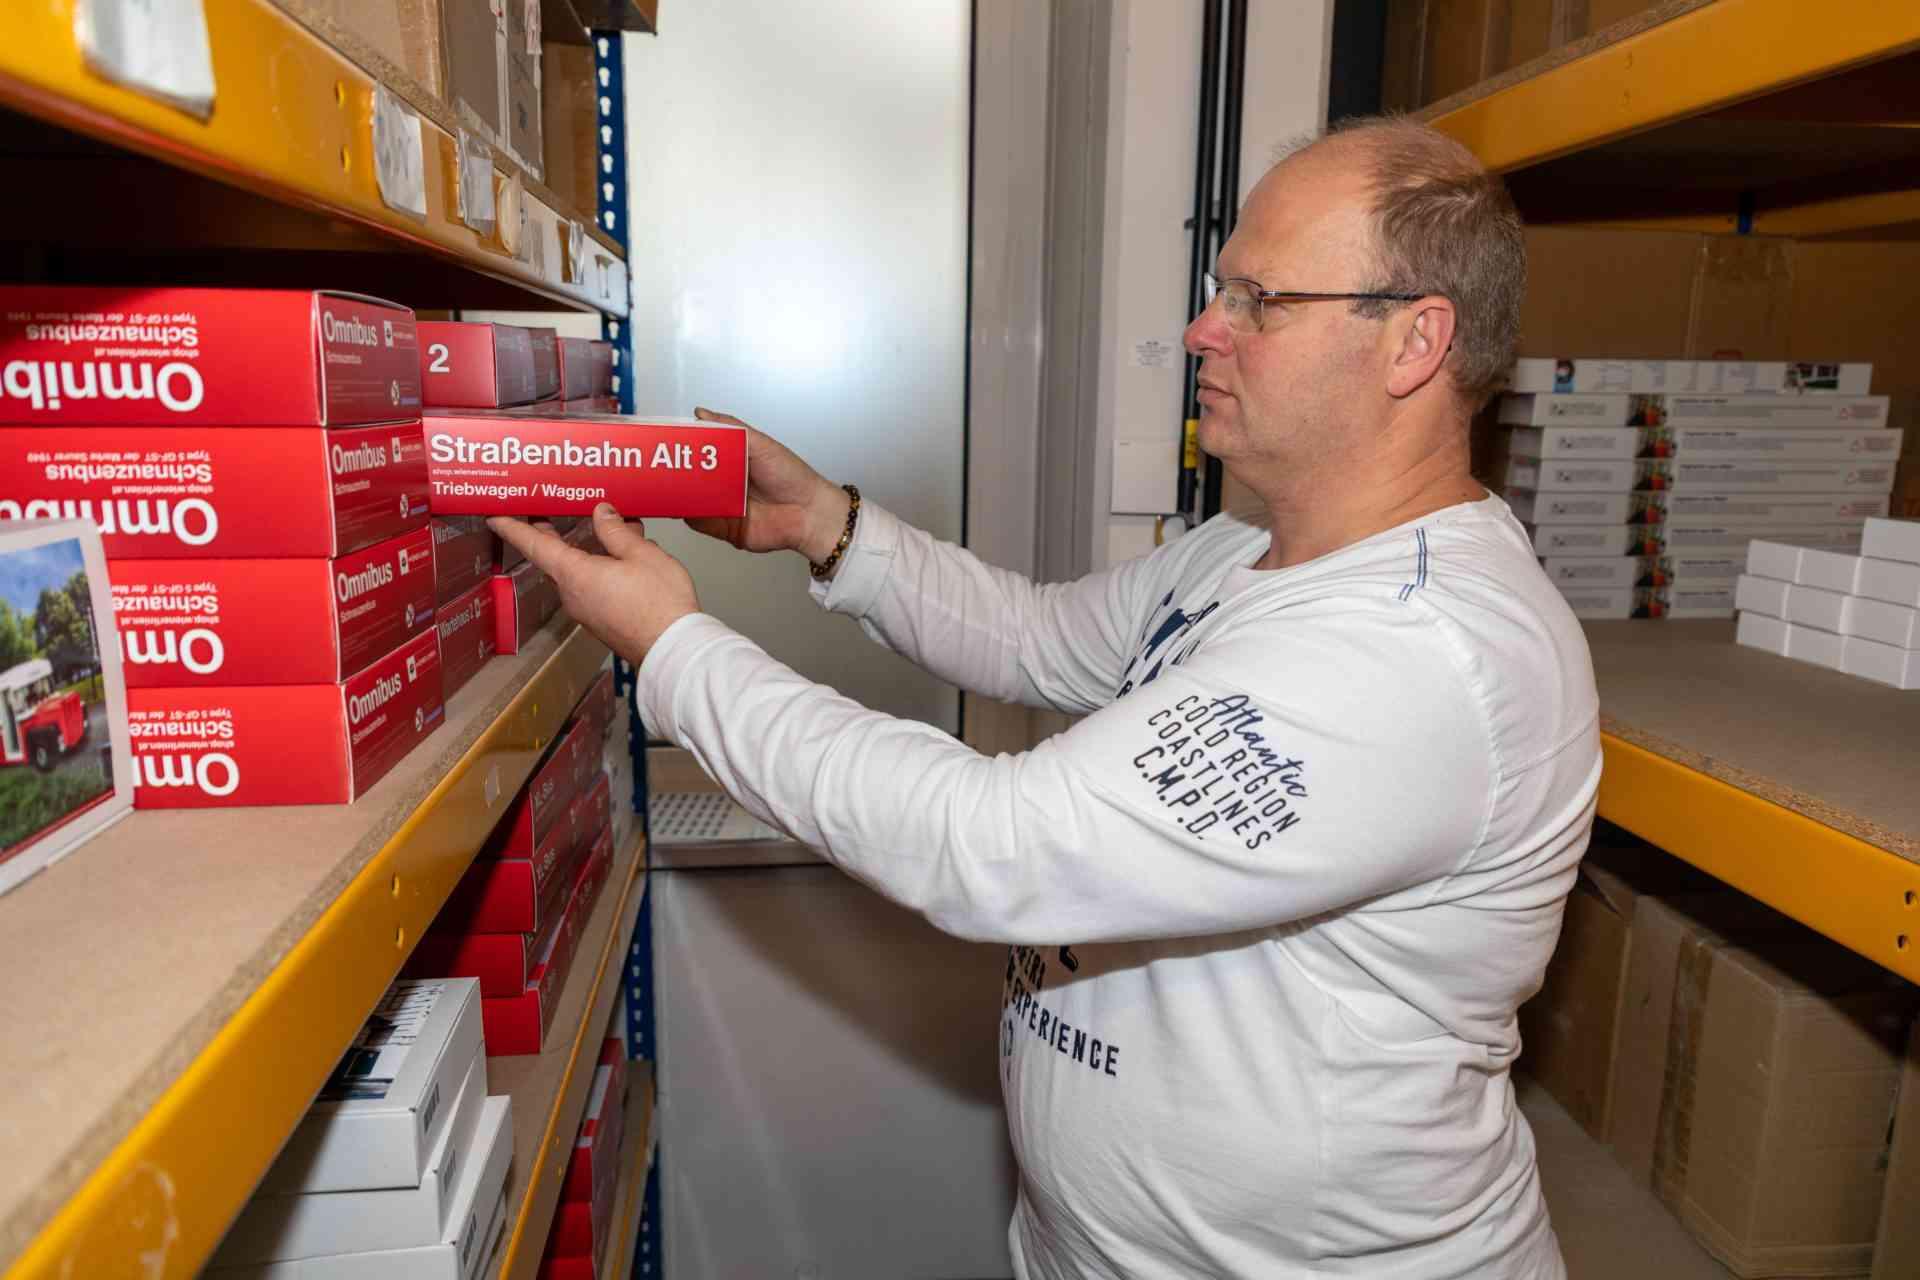 Zielstrebig geht Erich die Regale ab und sammelt die bestellten Artikel ein